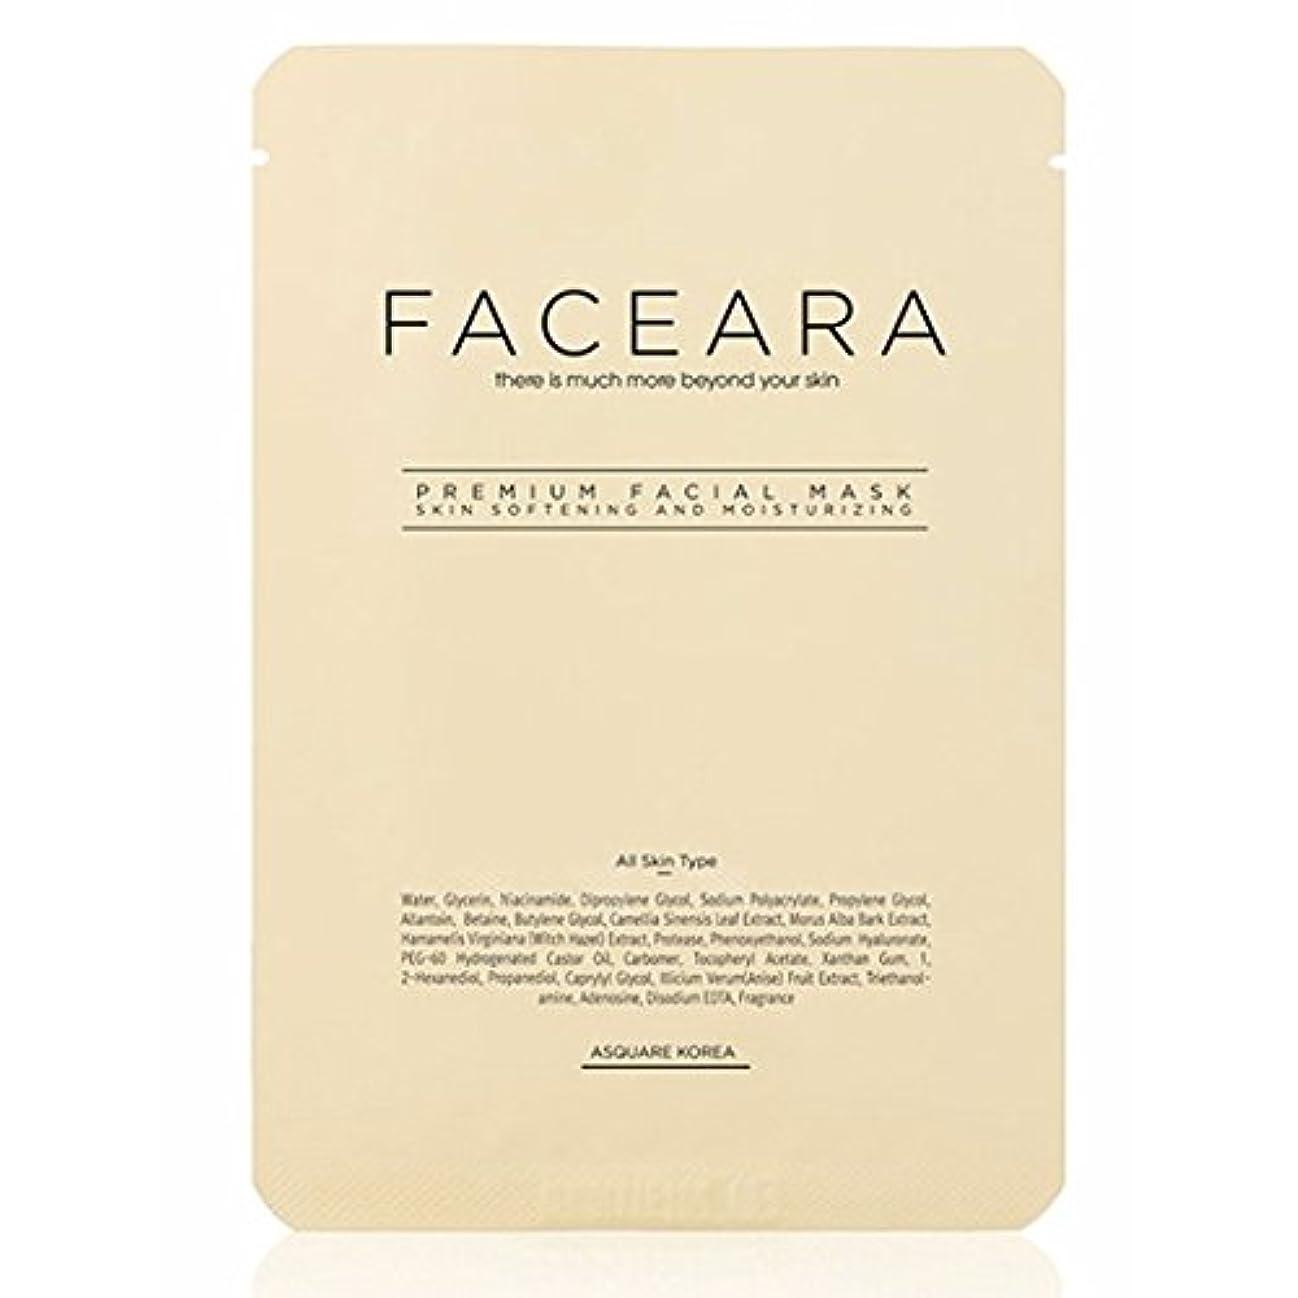 残酷な抑制月曜[並行輸入品] FACEARA スクラブ&スーパーモイスチャライザー用プレミアムフェイシャルマスクシート25g 5本セット / FACEARA Premium Facial Mask Sheet for Scrub &...